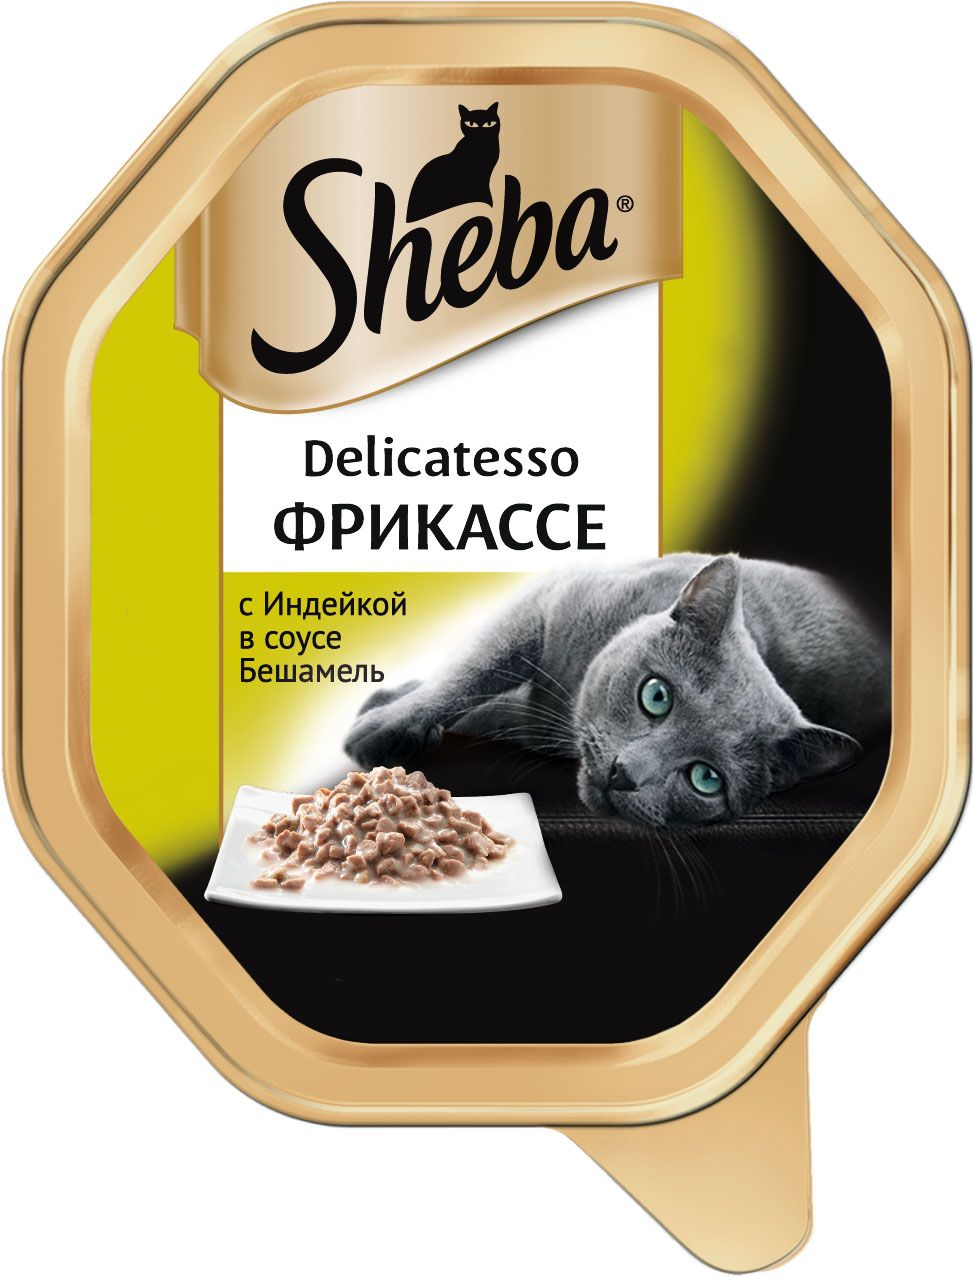 Корм консервированный Sheba Delicatesso, для взрослых кошек, от 1 года, фрикассе индейка в соусе бешамель, 85 г х 22 шт80691Консервированный корм Sheba Delicatesso предназначен для взрослых кошек от 1 года. Насыщенный мясной вкус и необычное сочетание паштета и мясных ломтиков не оставит вашу любимицу равнодушной, а особая сервировка подчеркнет все богатство вкусаизысканного деликатеса! В состав корма входят мясо и мясные ингредиенты самого высокого качества, а также витамины, злаки, таурин и минеральные вещества. Каждый ломтик бережно обварен и полит нежным соусом. В составе нет сои, консервантов, искусственных красителей и усилителей вкуса.Товар сертифицирован.